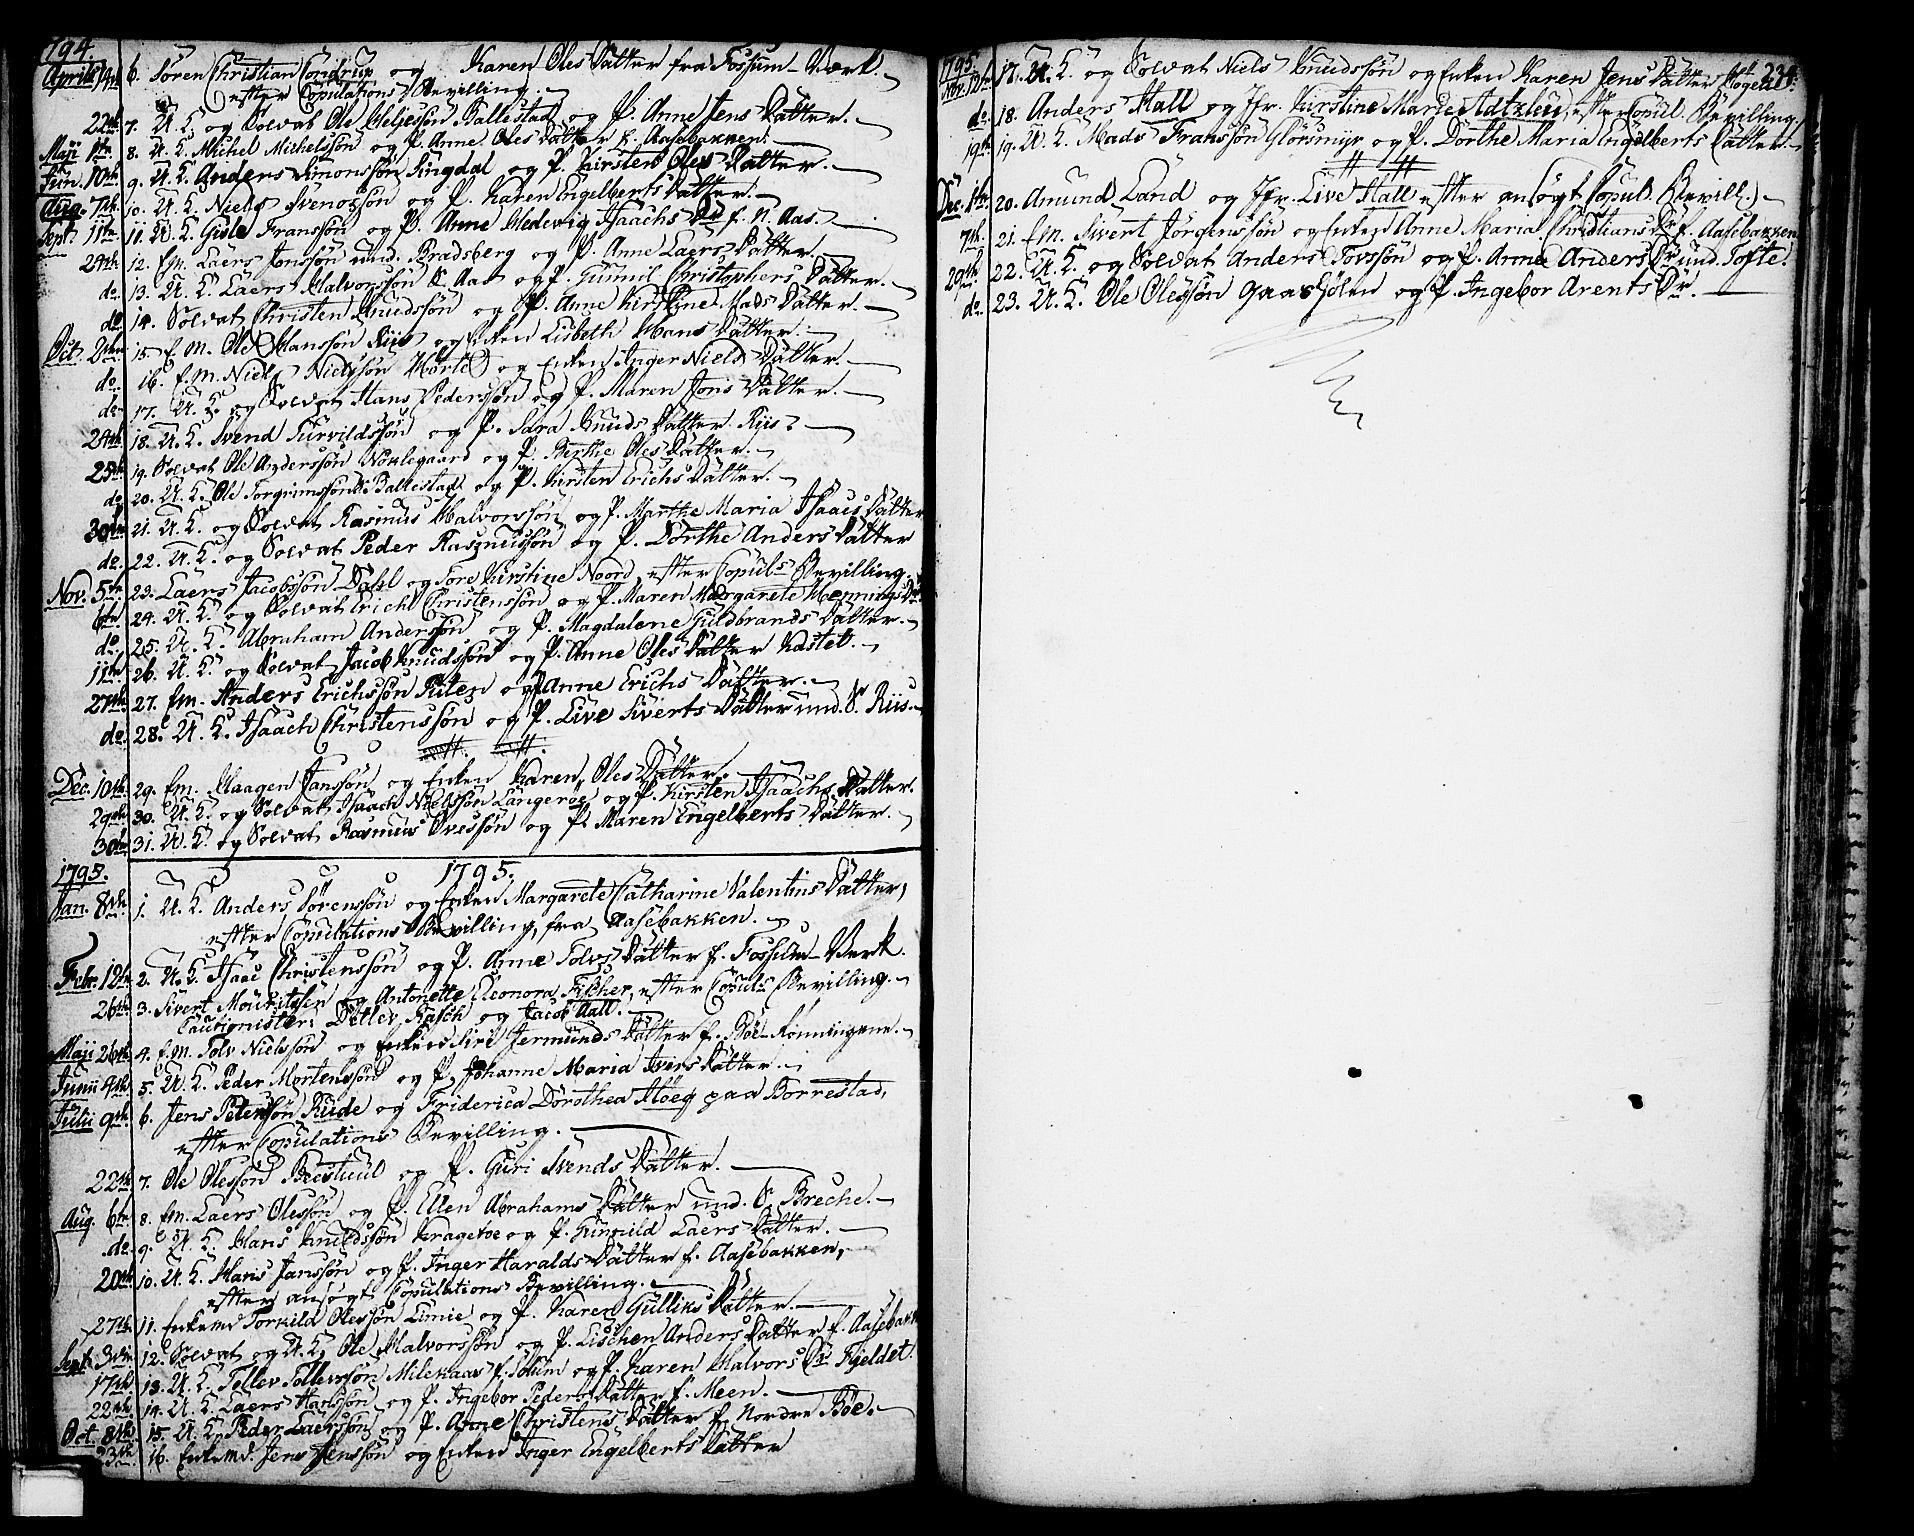 SAKO, Gjerpen kirkebøker, F/Fa/L0002: Ministerialbok nr. 2, 1747-1795, s. 234